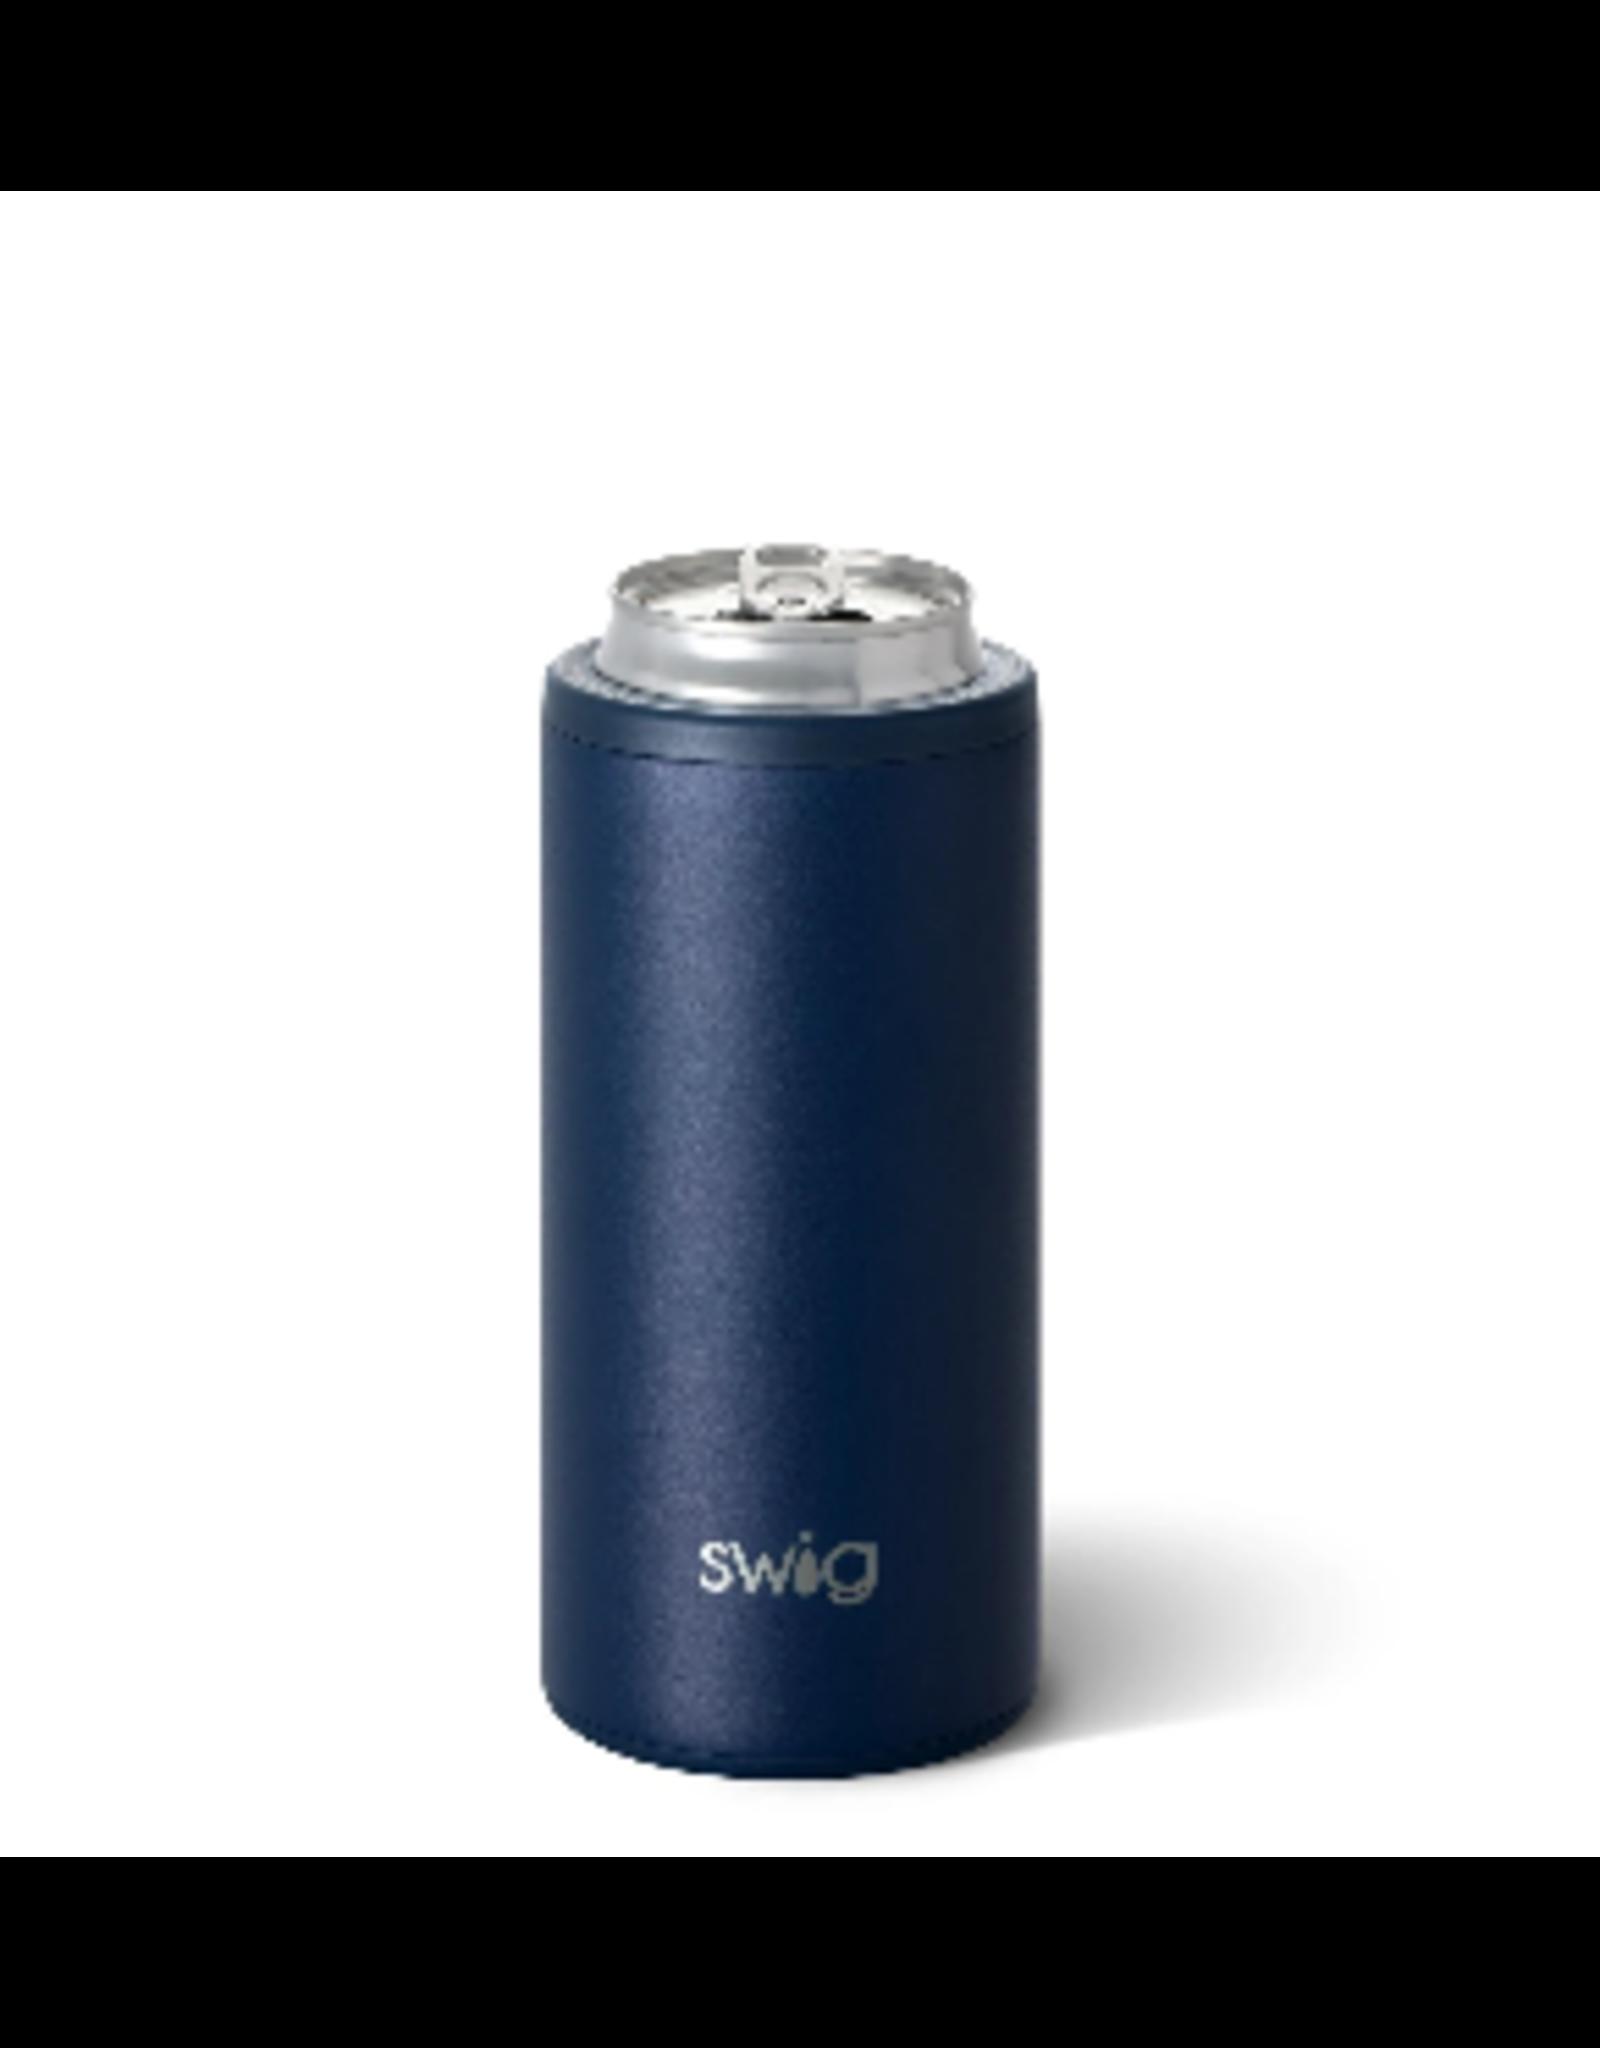 Swig 12oz Skinny Can Cooler -- Matte Navy